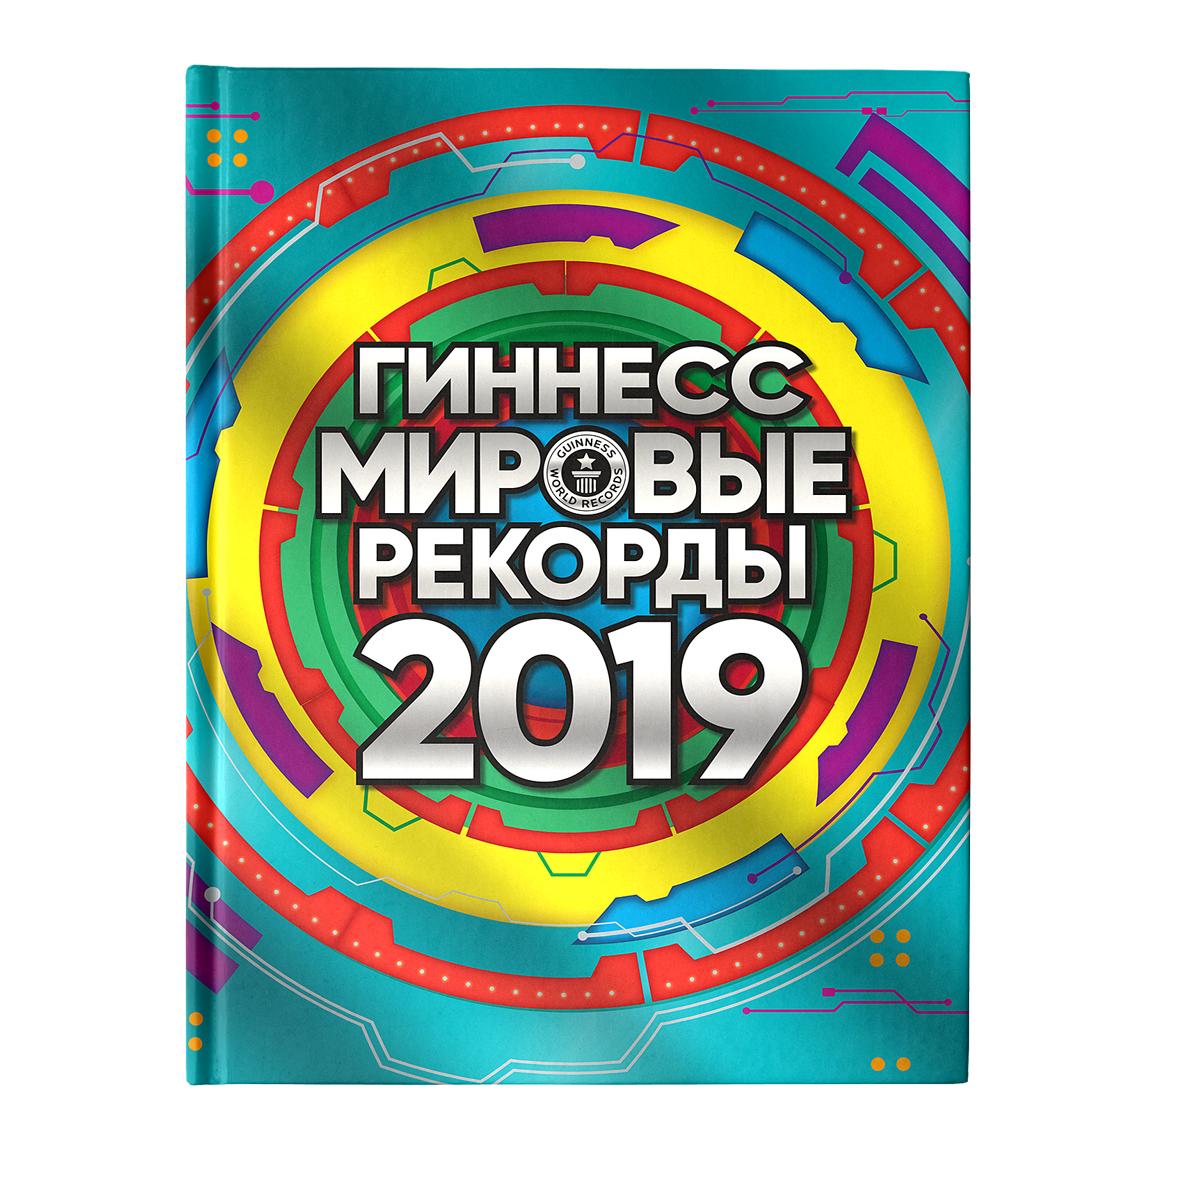 Гиннесс. Мировые рекорды 2019. Л. И. Степанова